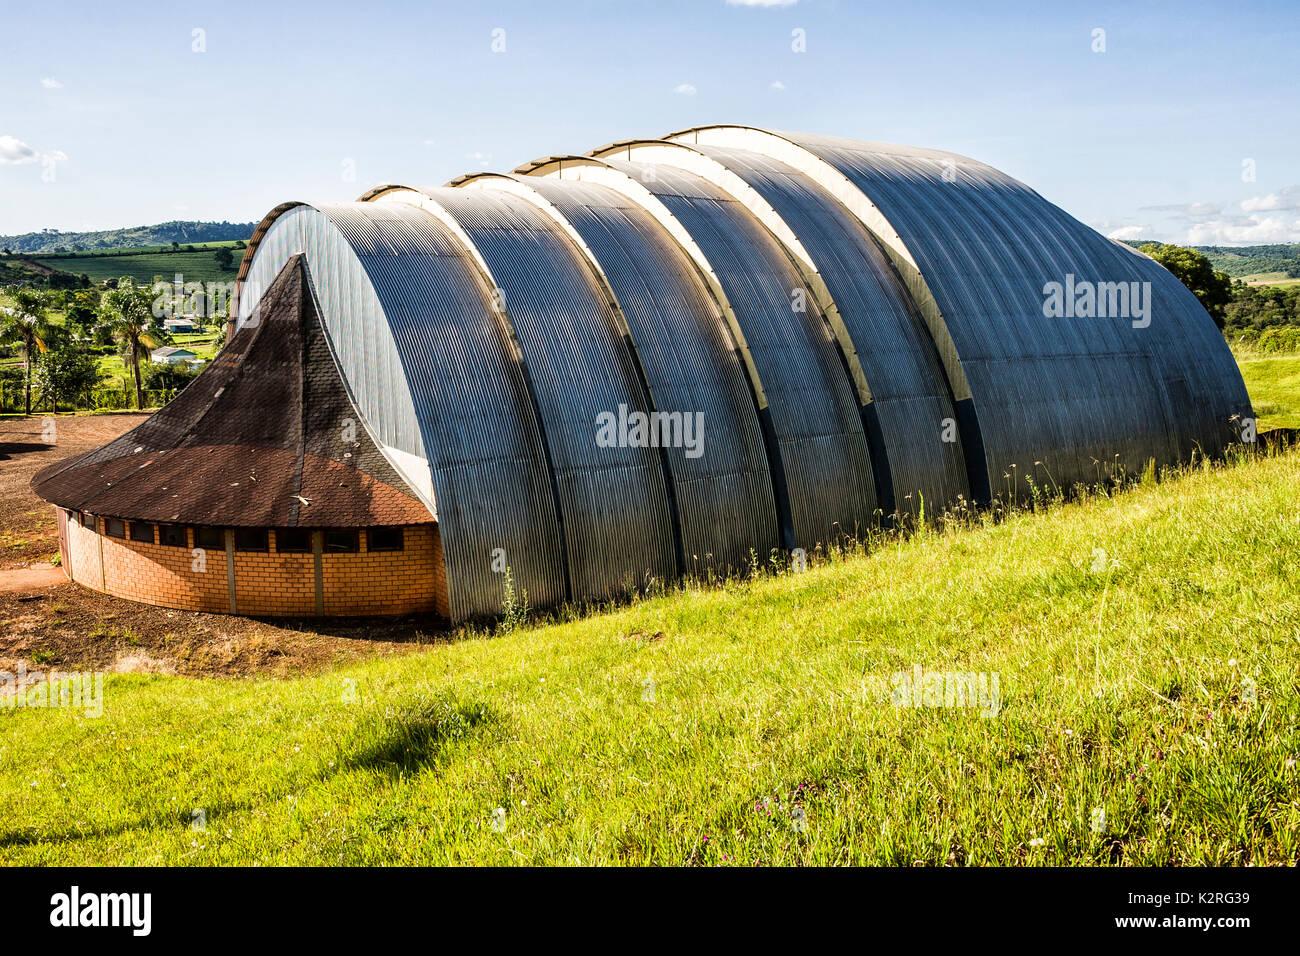 Ipuaçu Santa Catarina fonte: c8.alamy.com